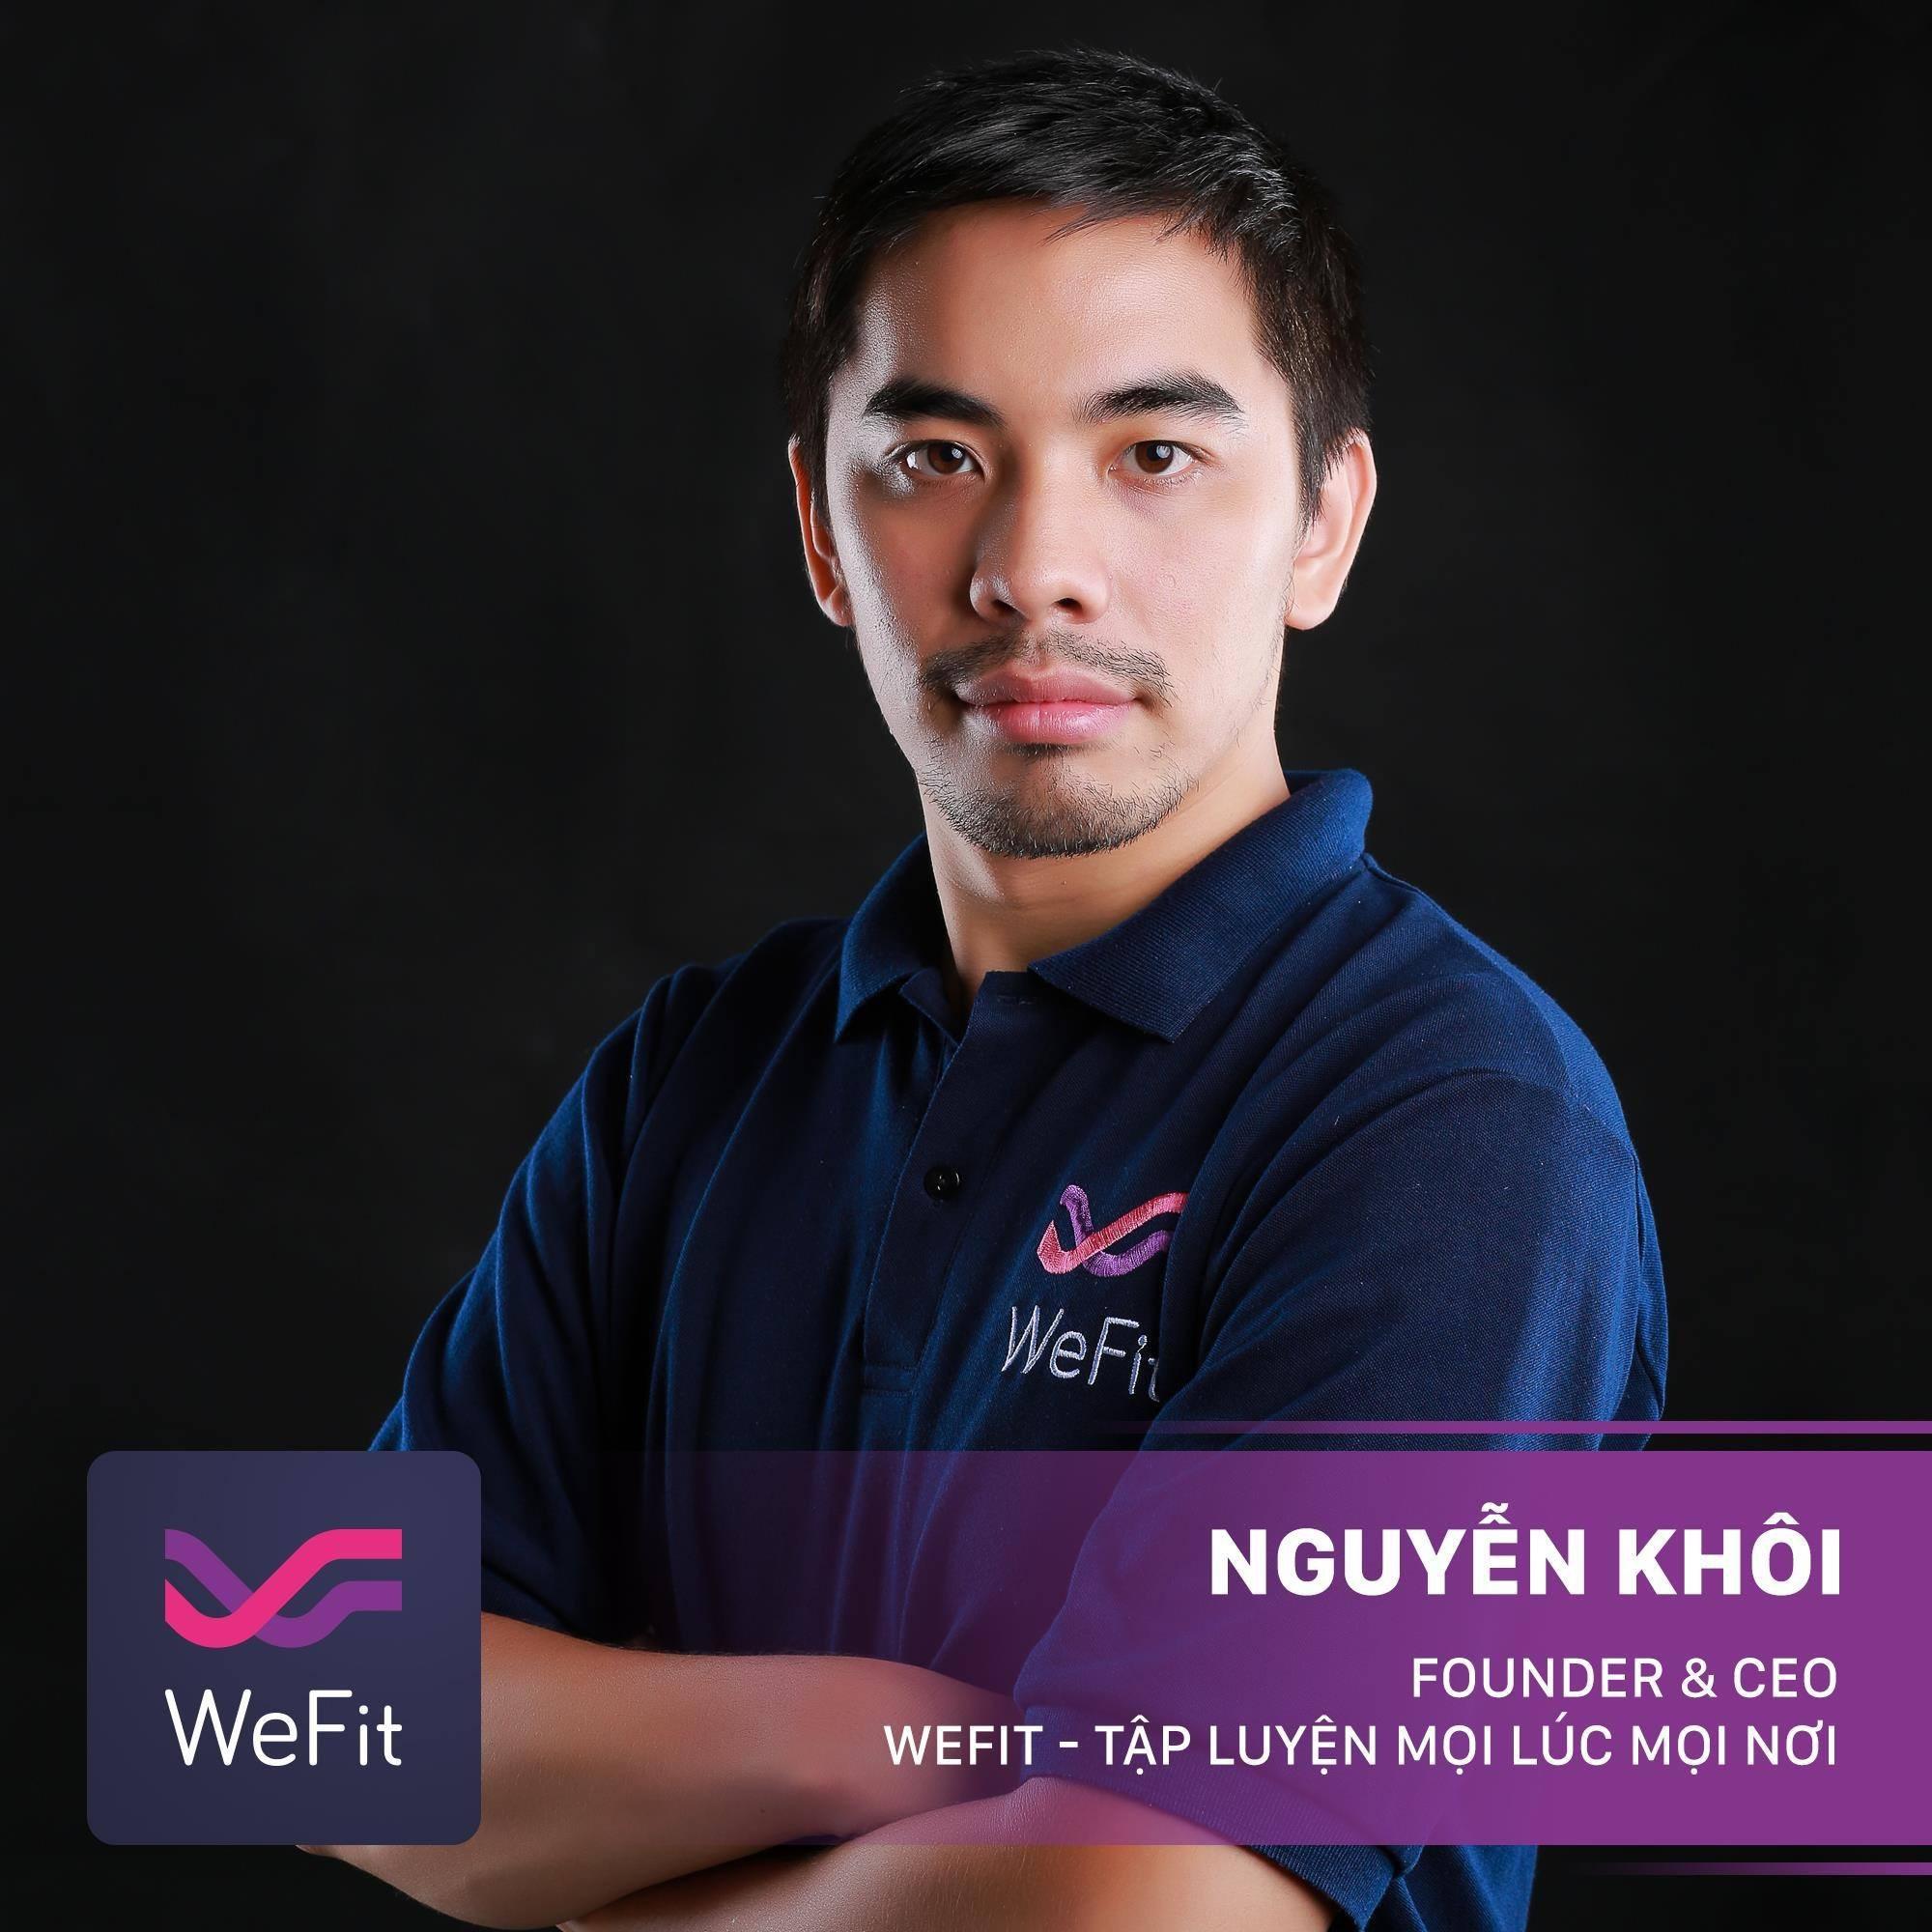 Chàng trai nhận học bổng 6,4 tỷ tại ĐH số 1 thế giới lọt top 10 gương mặt trẻ Việt Nam tiêu biểu - Ảnh 2.